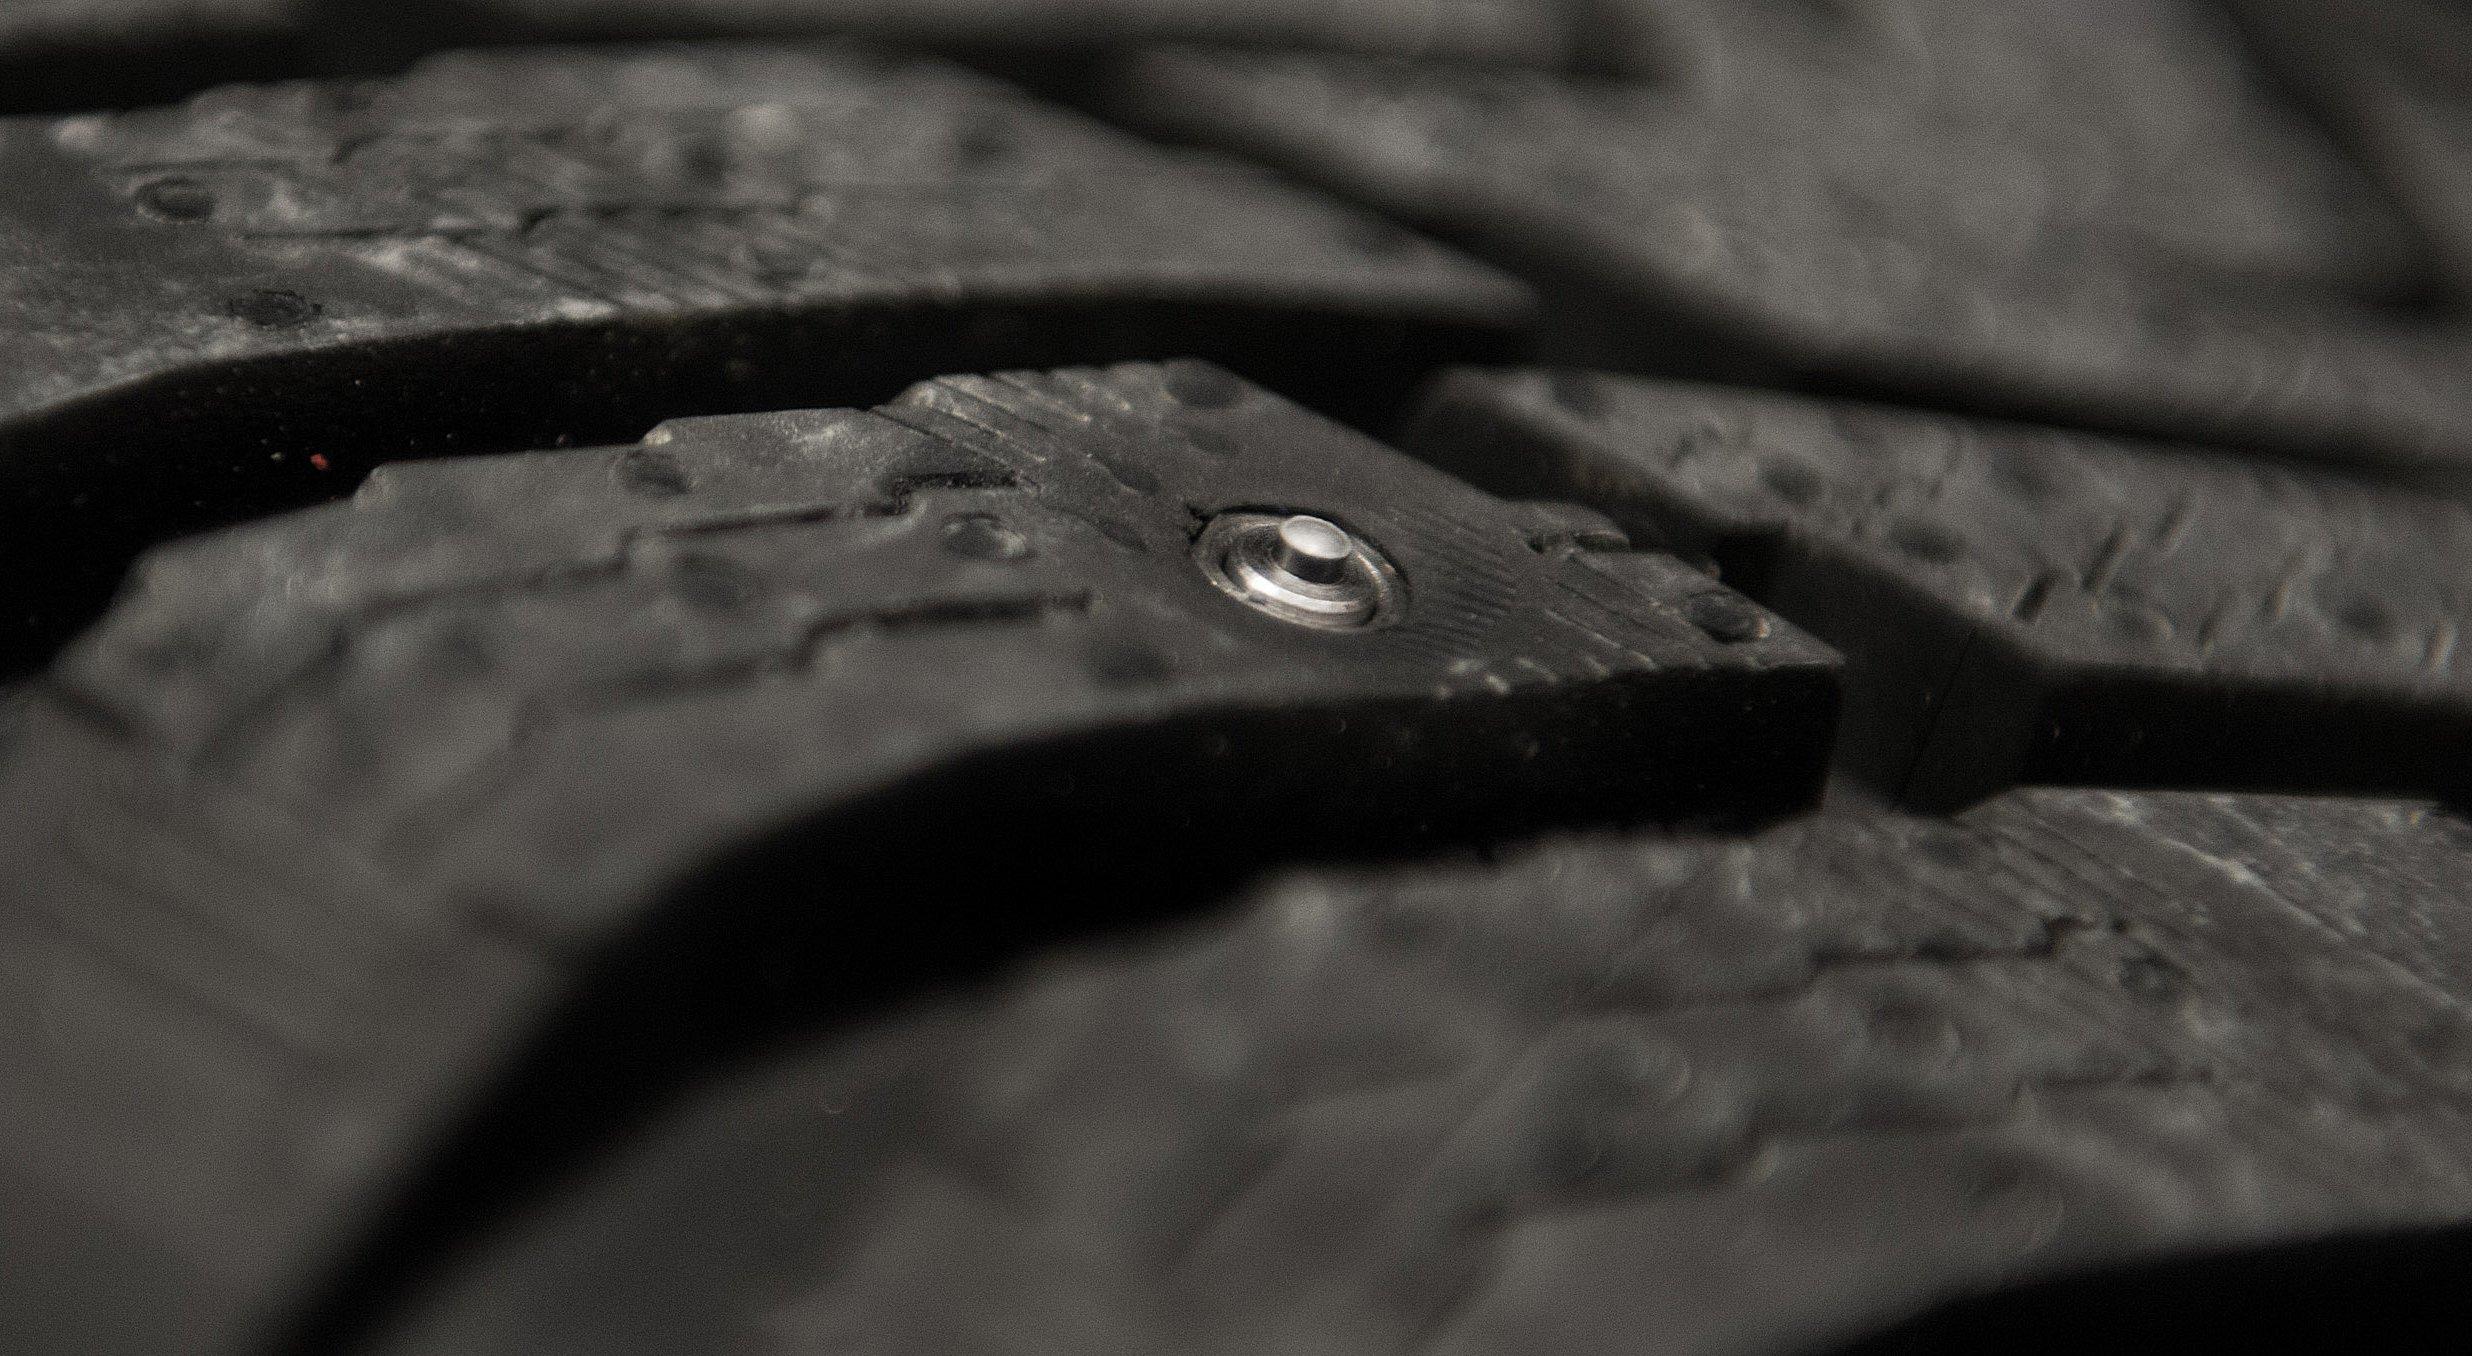 nokian_hakkapeliitta_concept_tire-2014-4